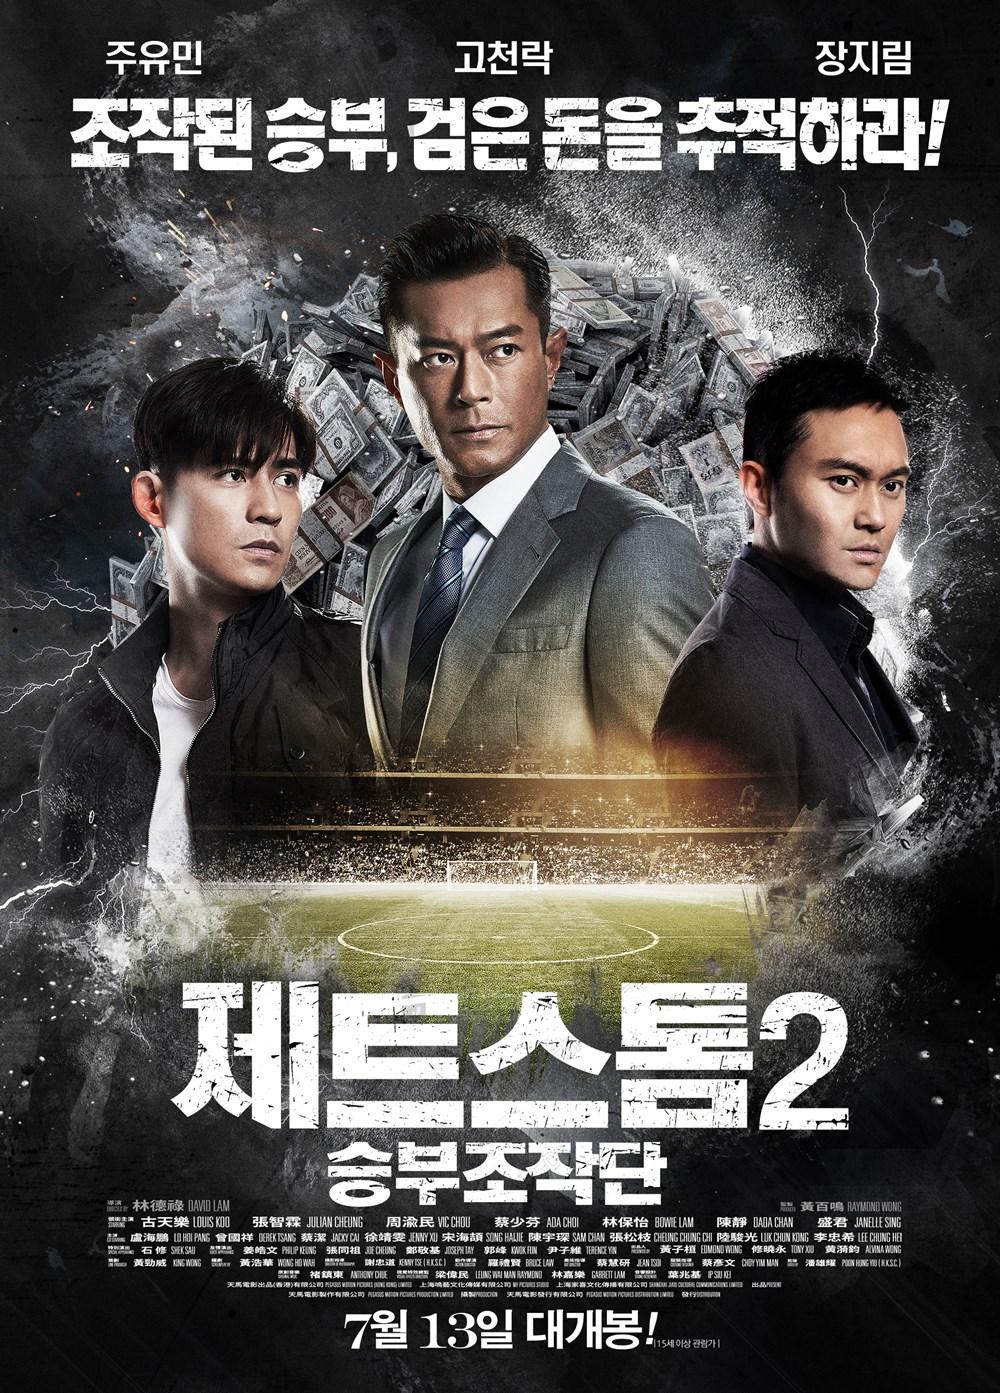 제트스톰2: 승부조작단 (최초개봉)